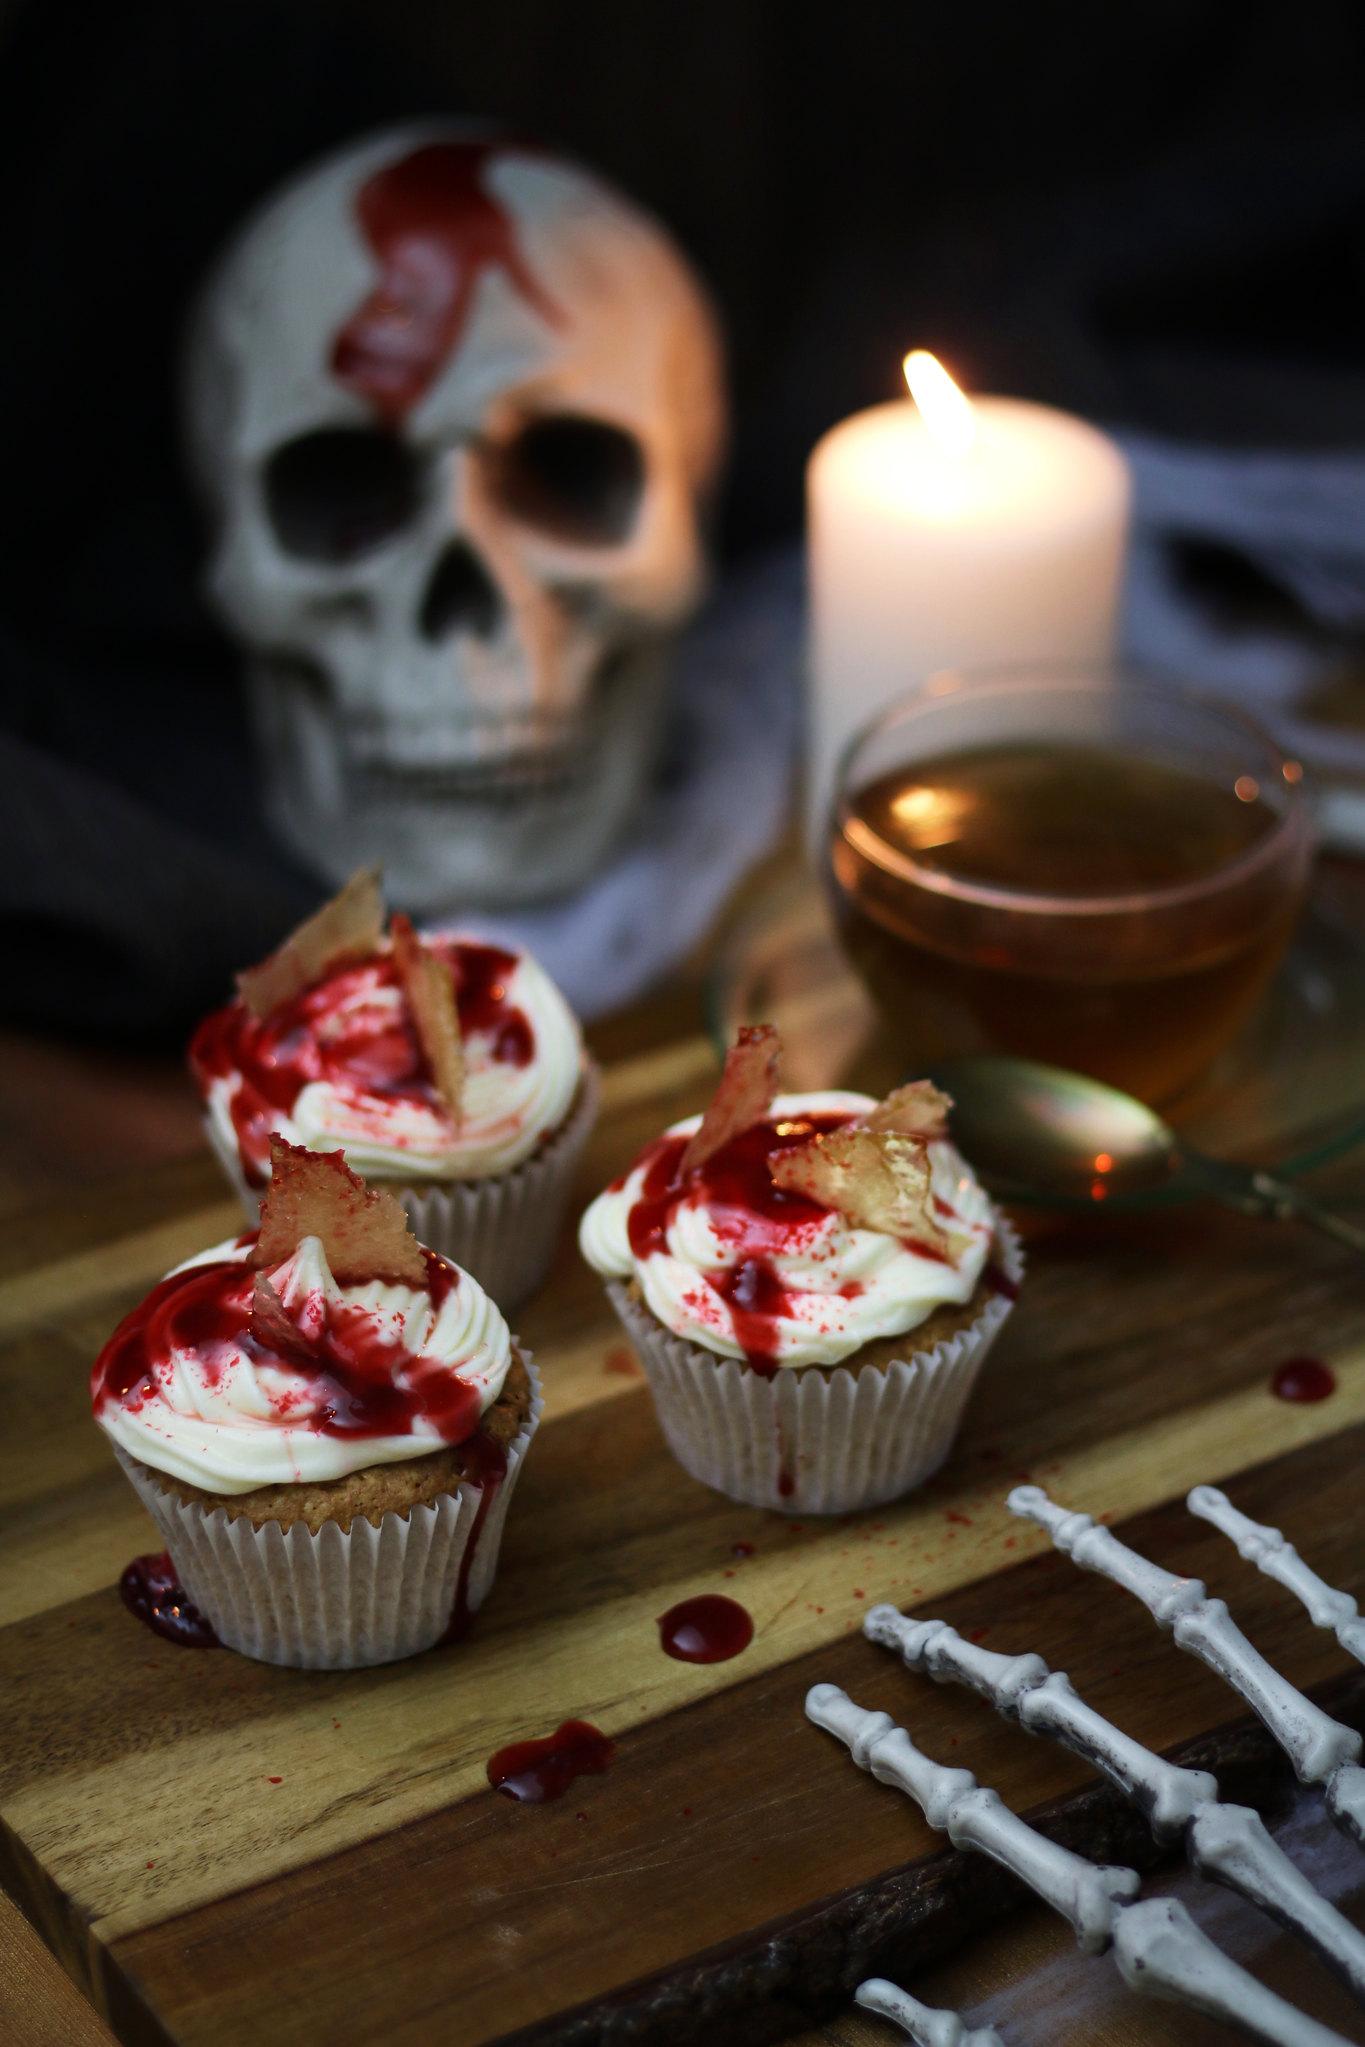 Earl-Grey-Bloody-Cupcakes